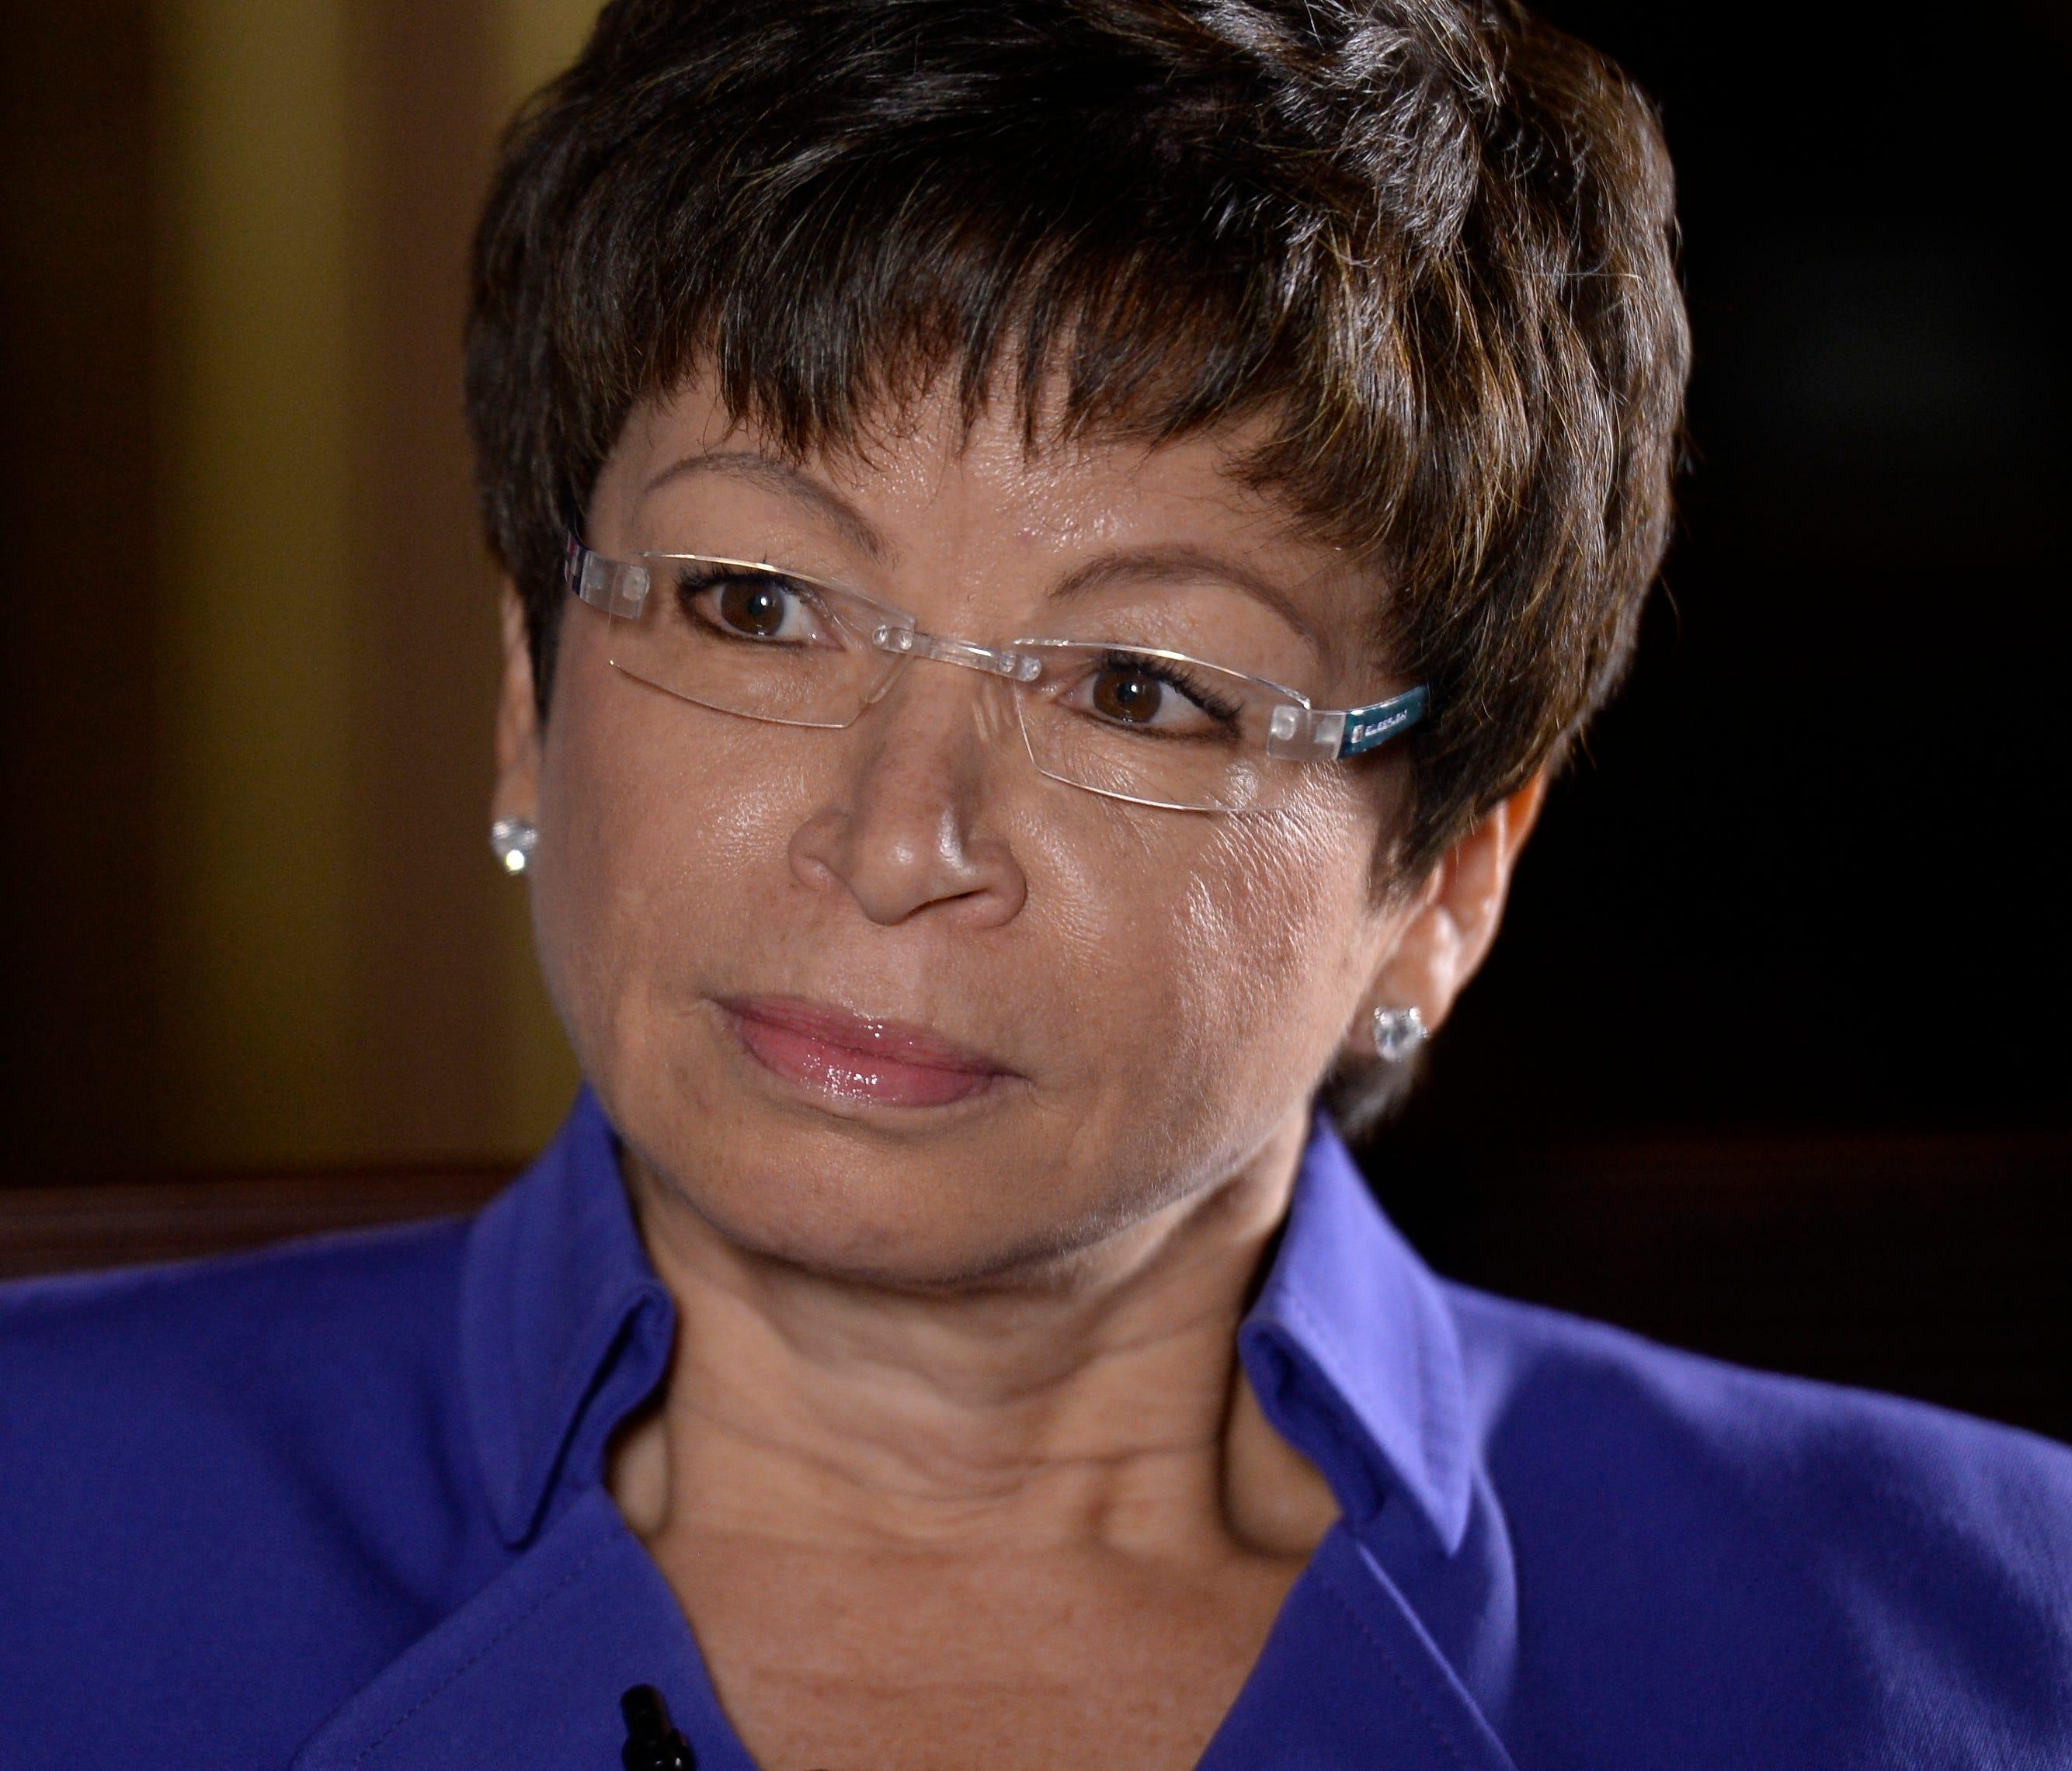 White House Senior Adviser Valerie Jarrett in 2013.